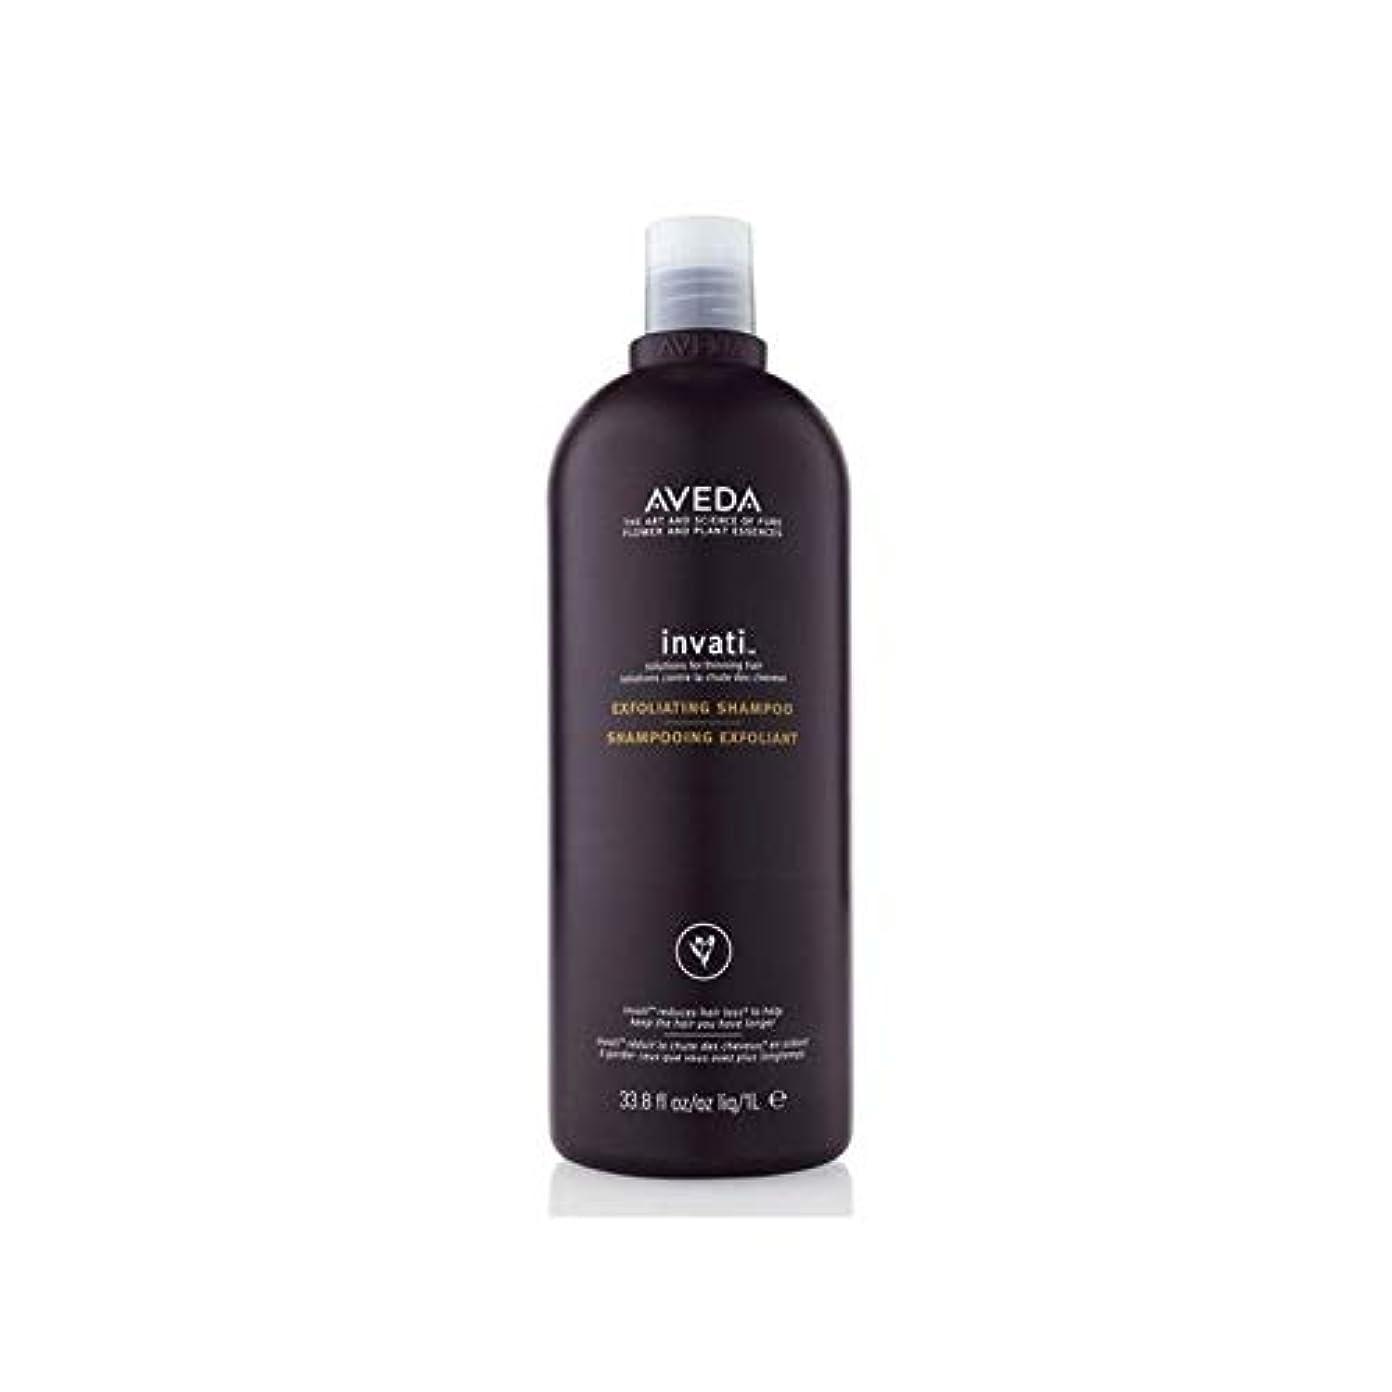 お酢漂流ライター[AVEDA ] アヴェダInvatiシャンプー(千ミリリットル) - Aveda Invati Shampoo (1000ml) [並行輸入品]